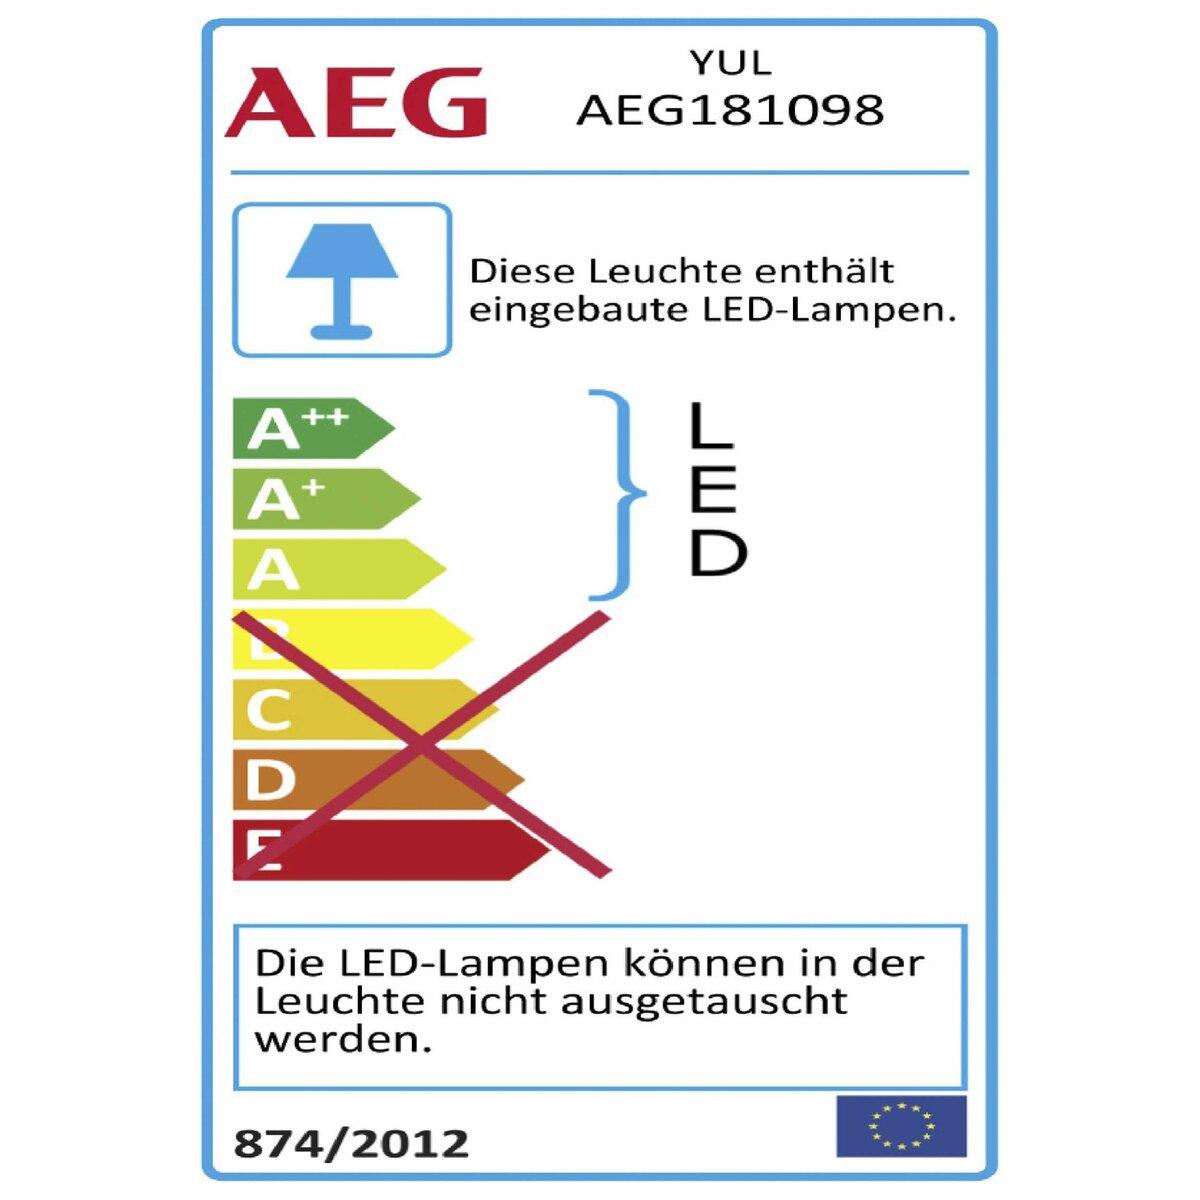 Bild 3 von AEG LED-Wandleuchte   Yul